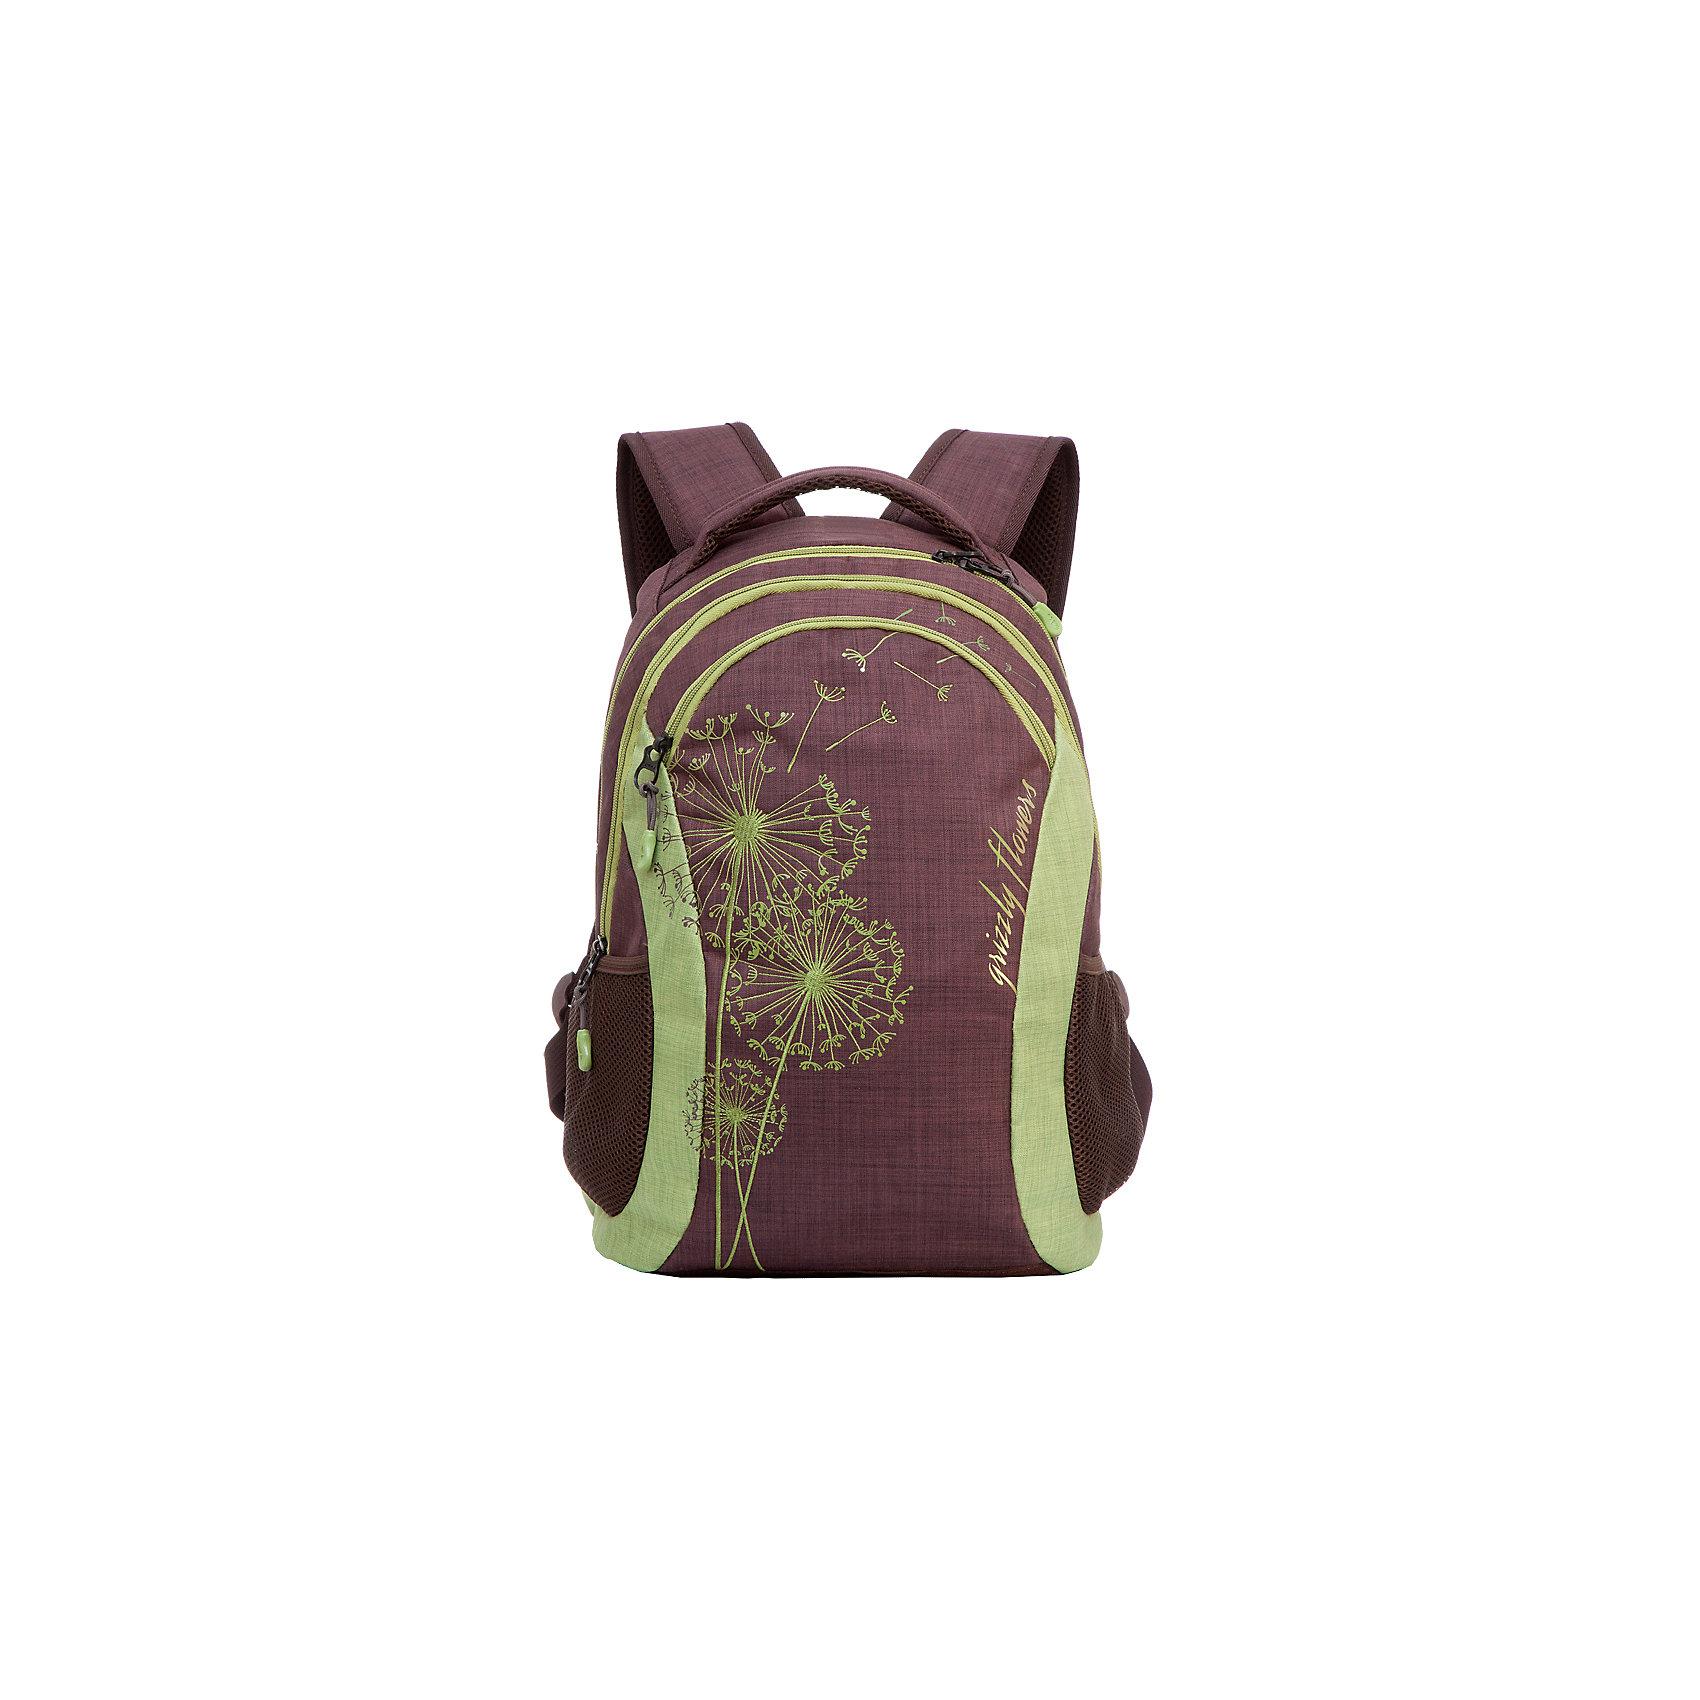 Рюкзак Grizzly, коричневый - салатовыйРюкзаки<br>Рюкзак молодежный, два отделения, карман на молнии на передней стенке, боковые карманы из сетки, внутренний карман на молнии, внутренний составной пенал-органайзер, укрепленная спинка, мягкая укрепленная ручка, укрепленные лямки<br><br>Ширина мм: 300<br>Глубина мм: 180<br>Высота мм: 430<br>Вес г: 640<br>Возраст от месяцев: 72<br>Возраст до месяцев: 2147483647<br>Пол: Женский<br>Возраст: Детский<br>SKU: 6939854